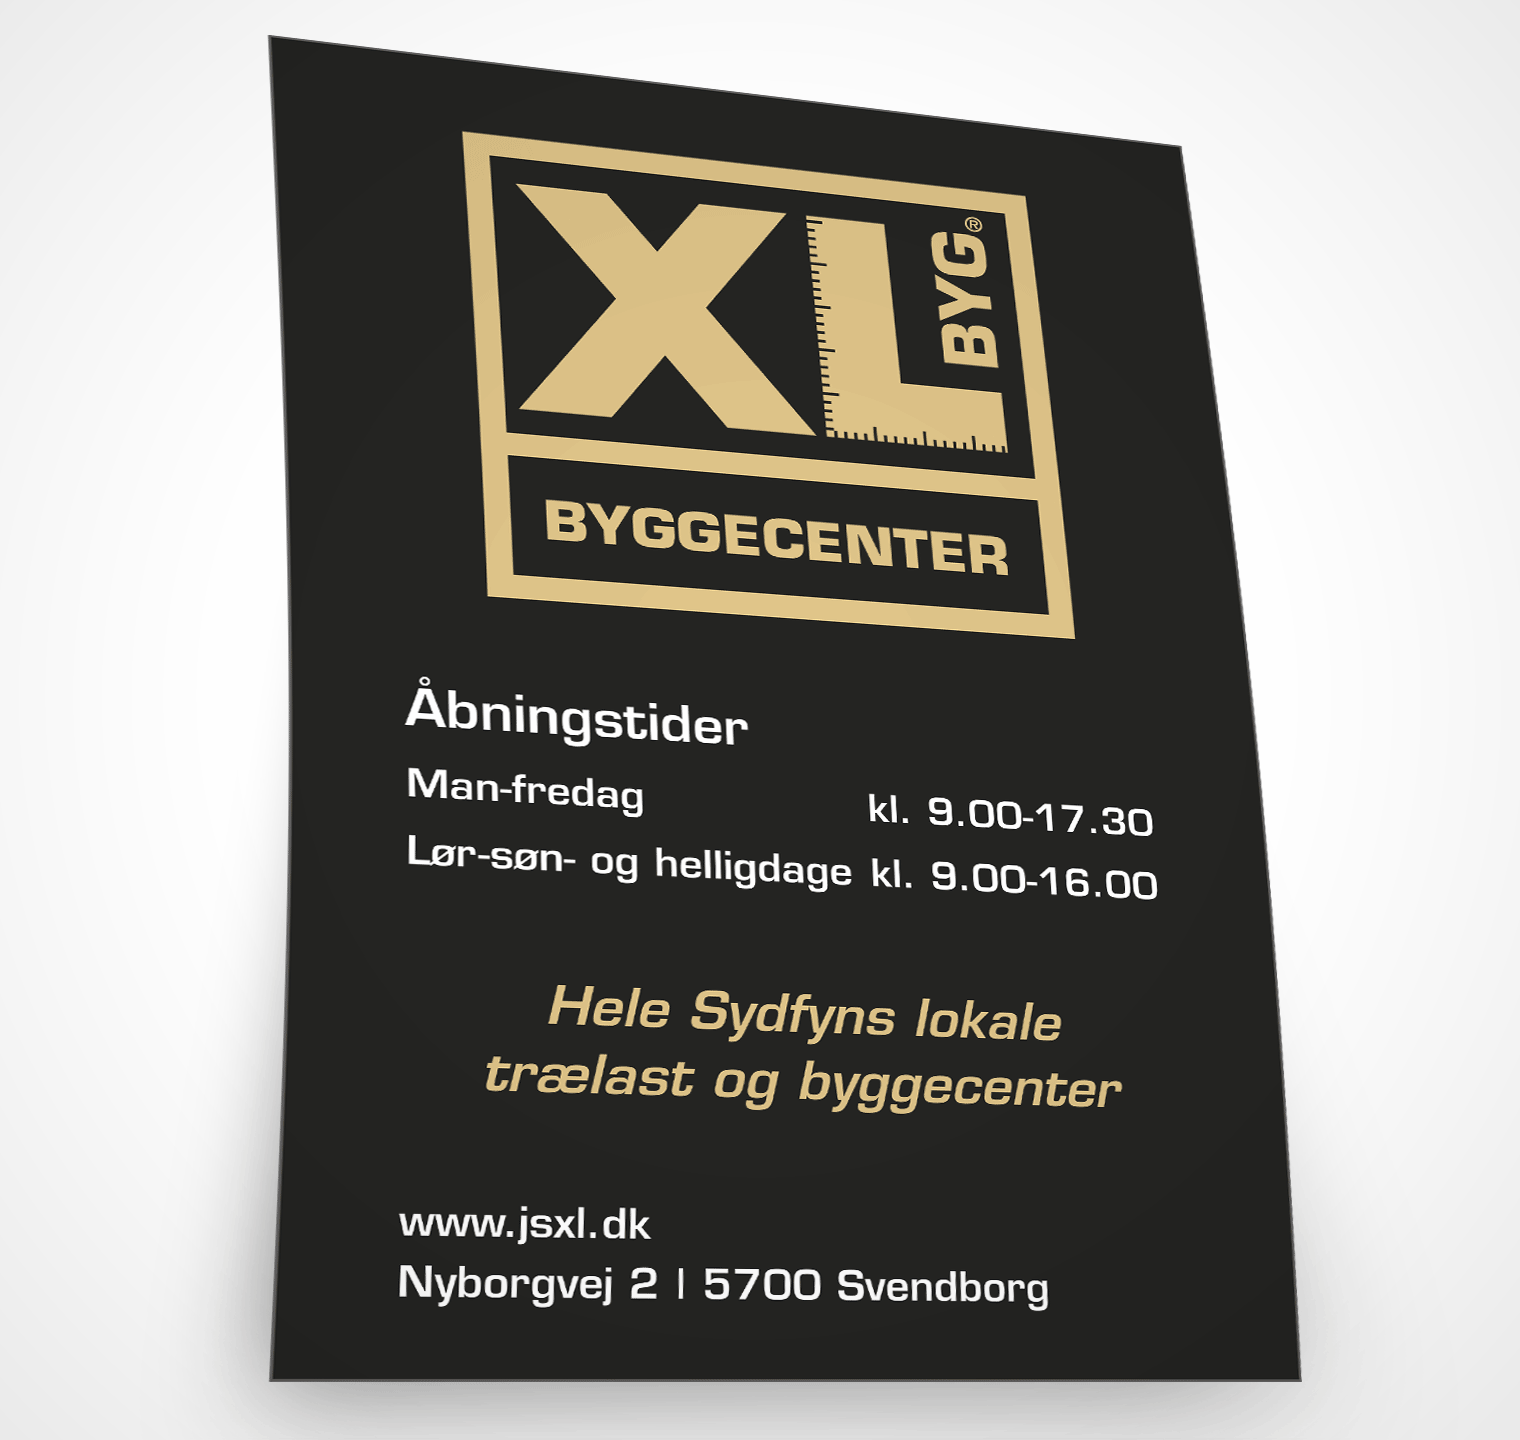 Xl-byg annonce – Design og sats: Grapida